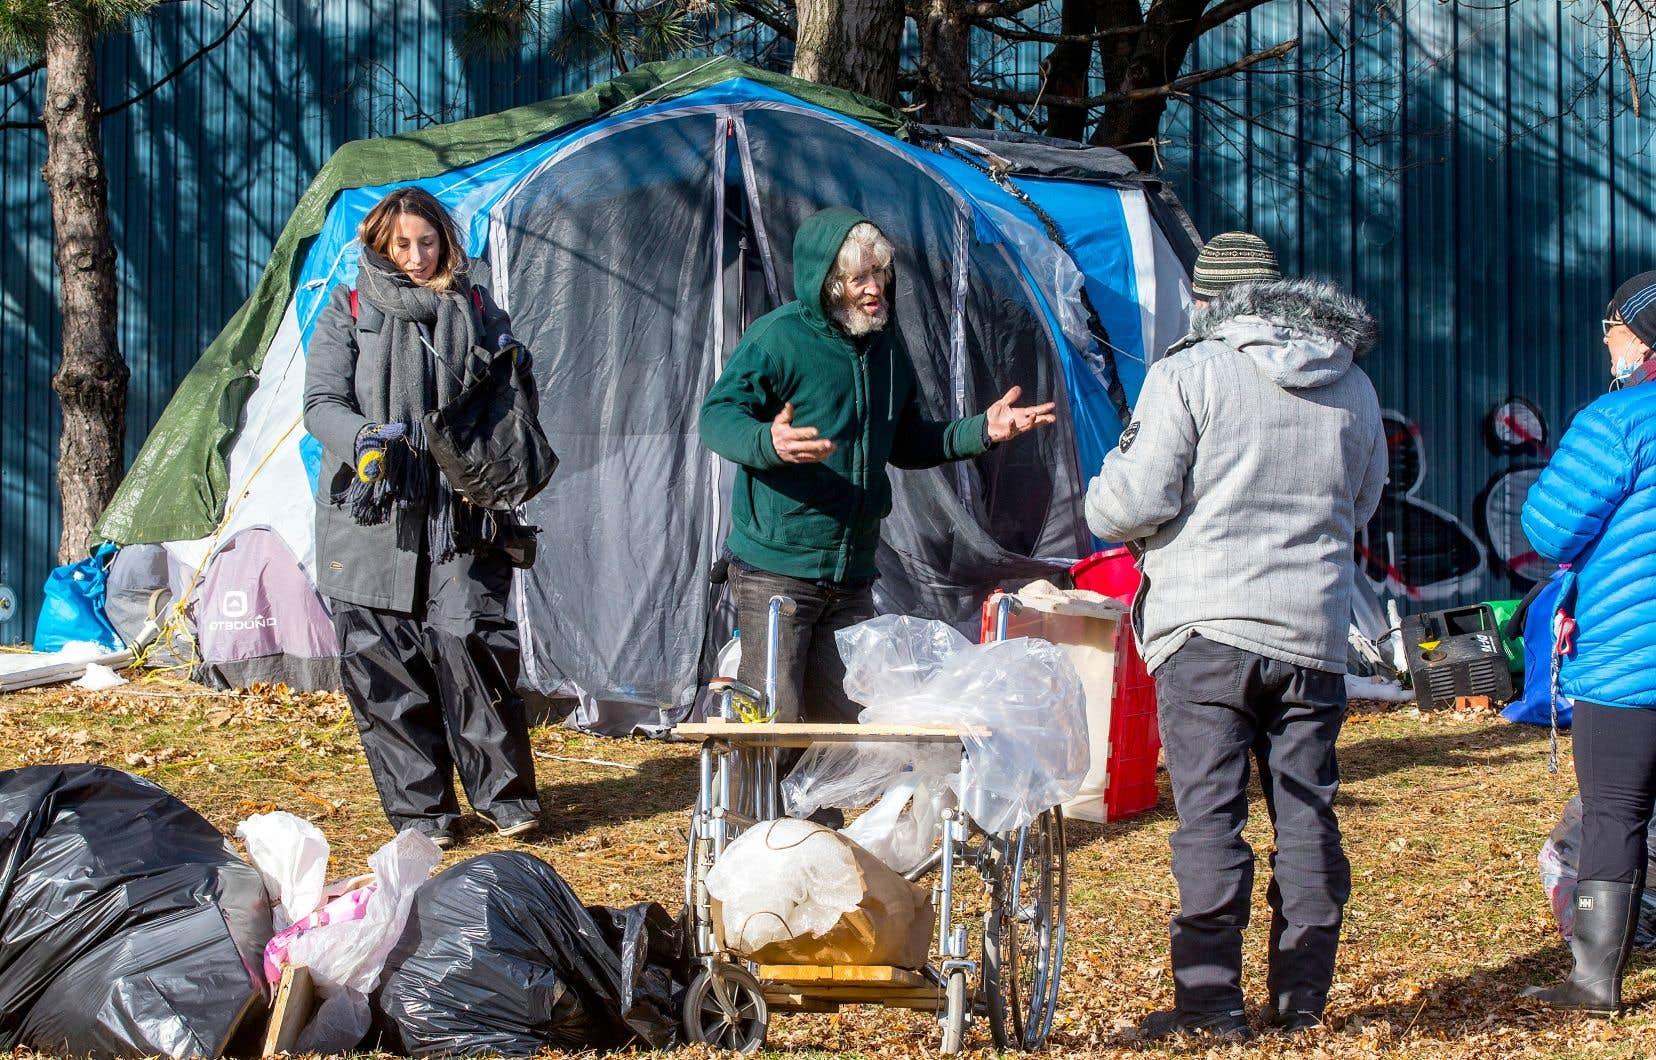 Mardi matin, des équipes d'intervenants ont invité les campeurs à profiter des refuges. L'atmosphère était tendue au campement, qui compte encore plus d'une soixantaine de tentes.